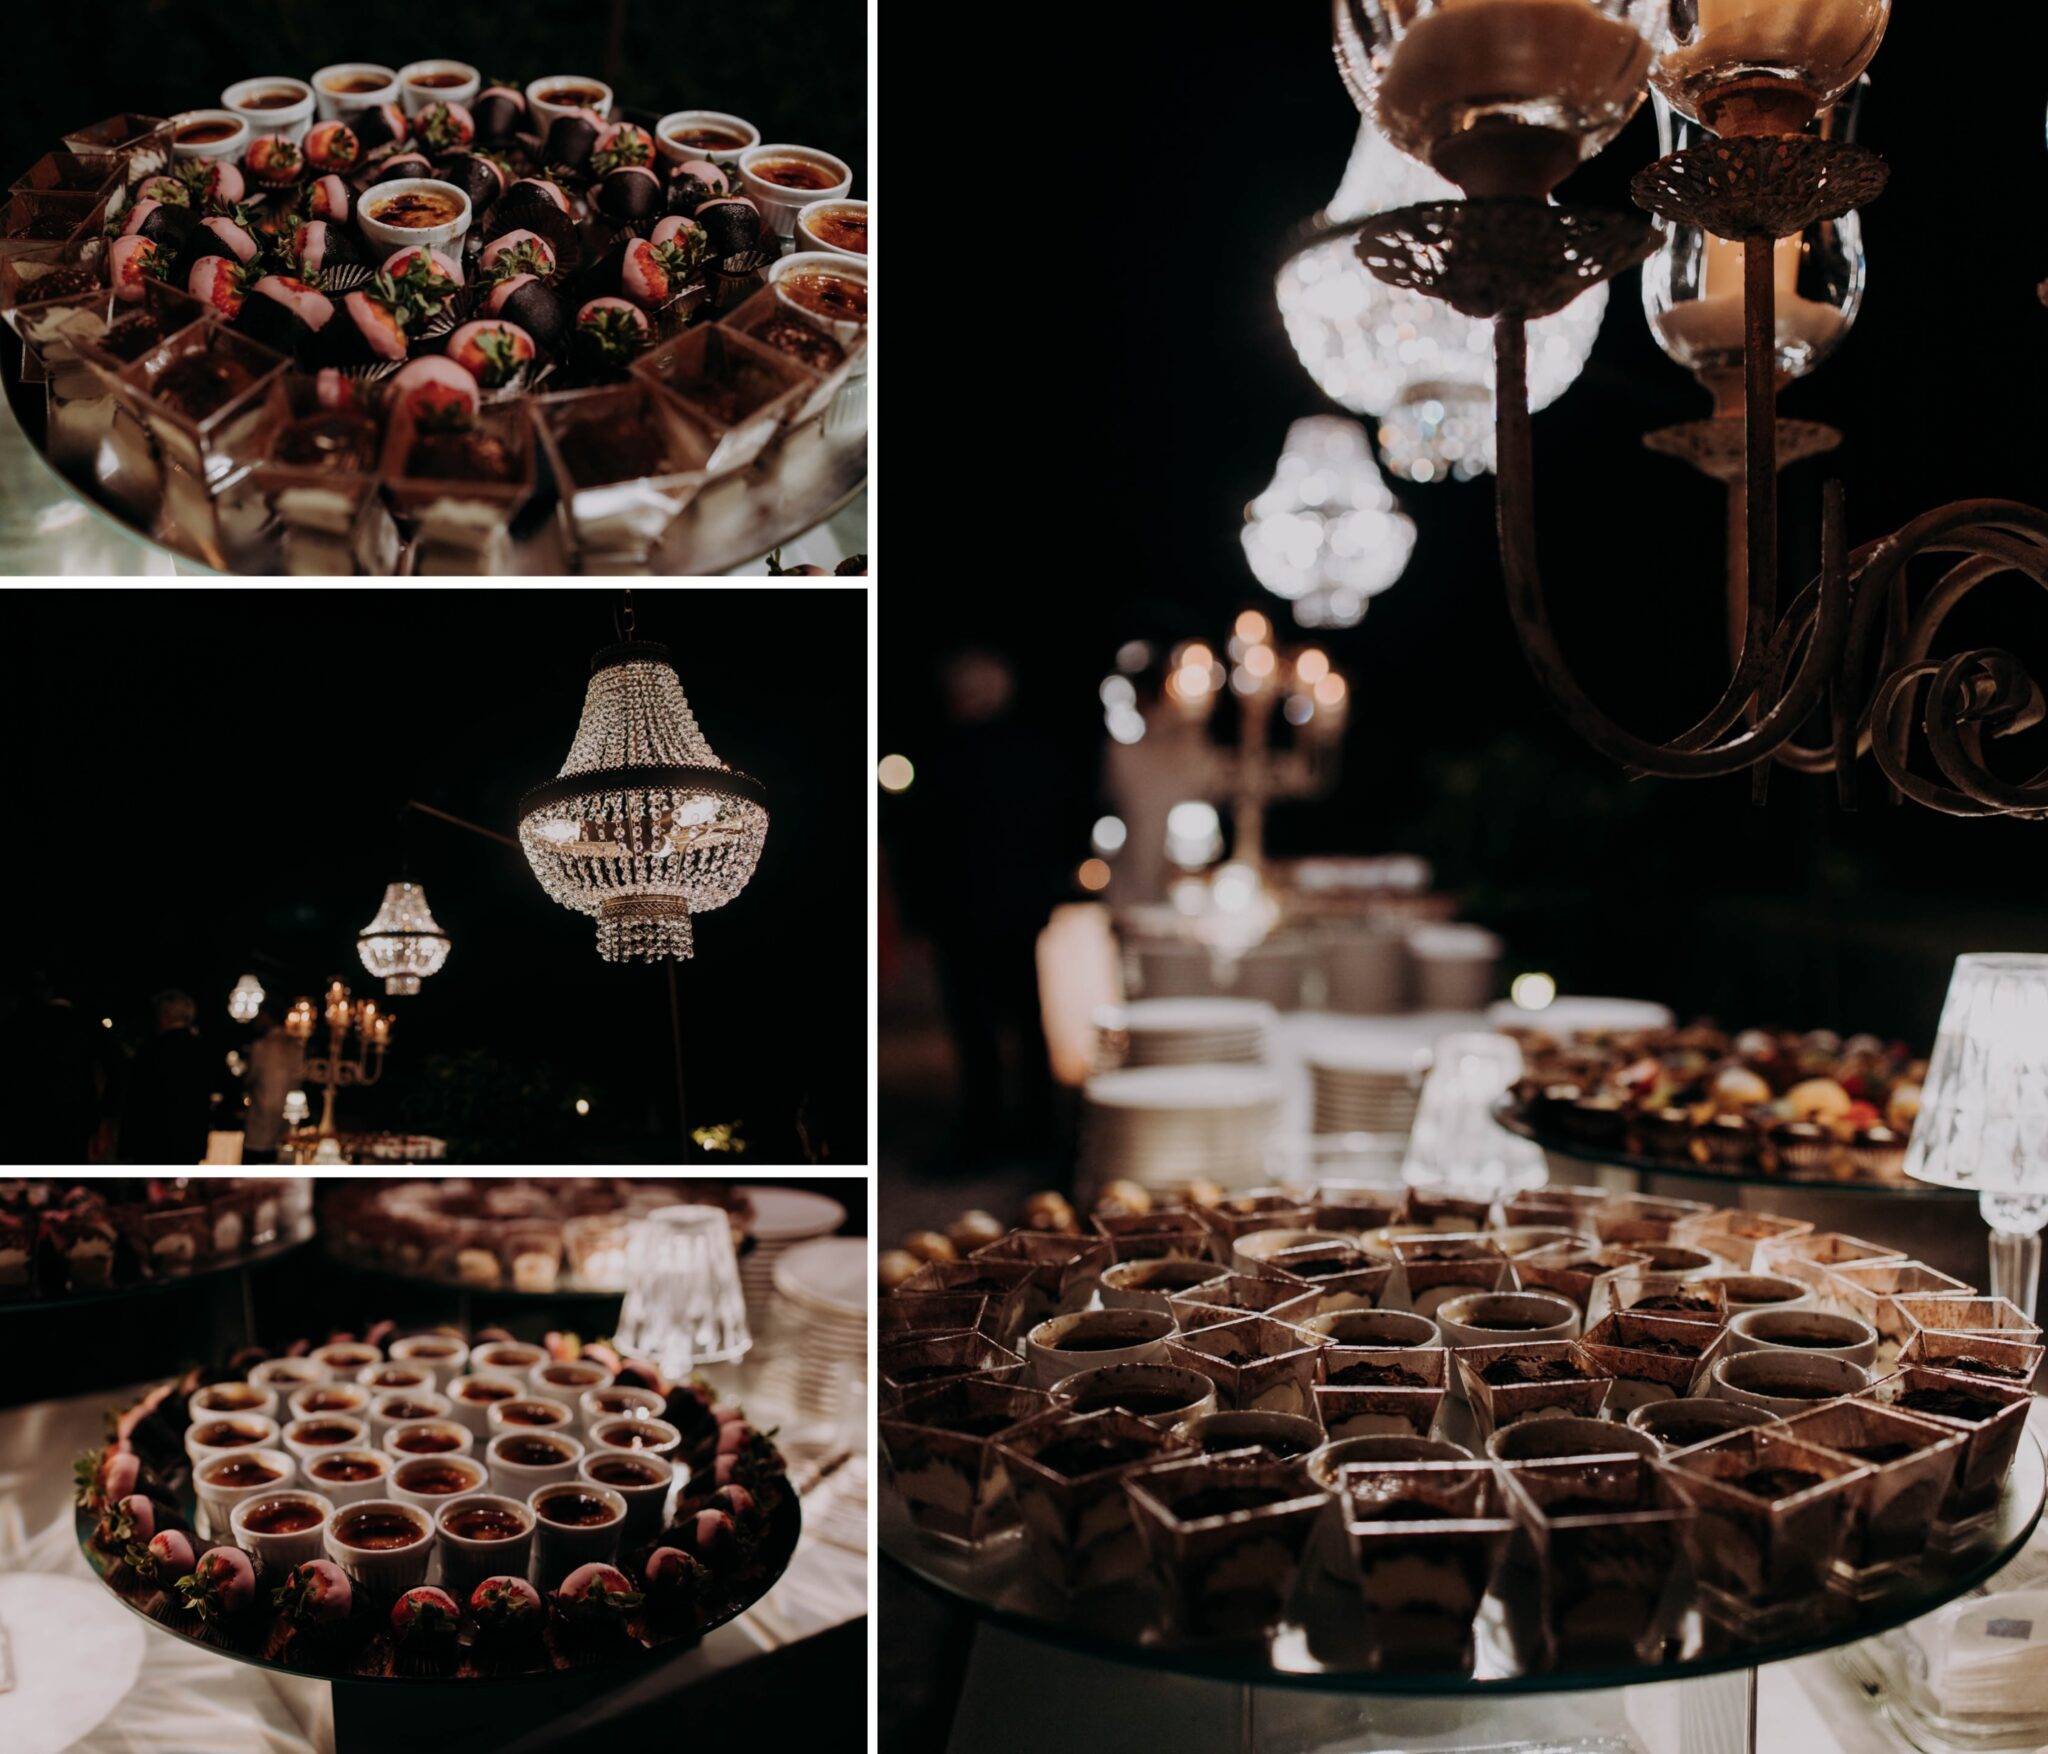 dettagli dell'allestimento dei dolci a Villa Grabau